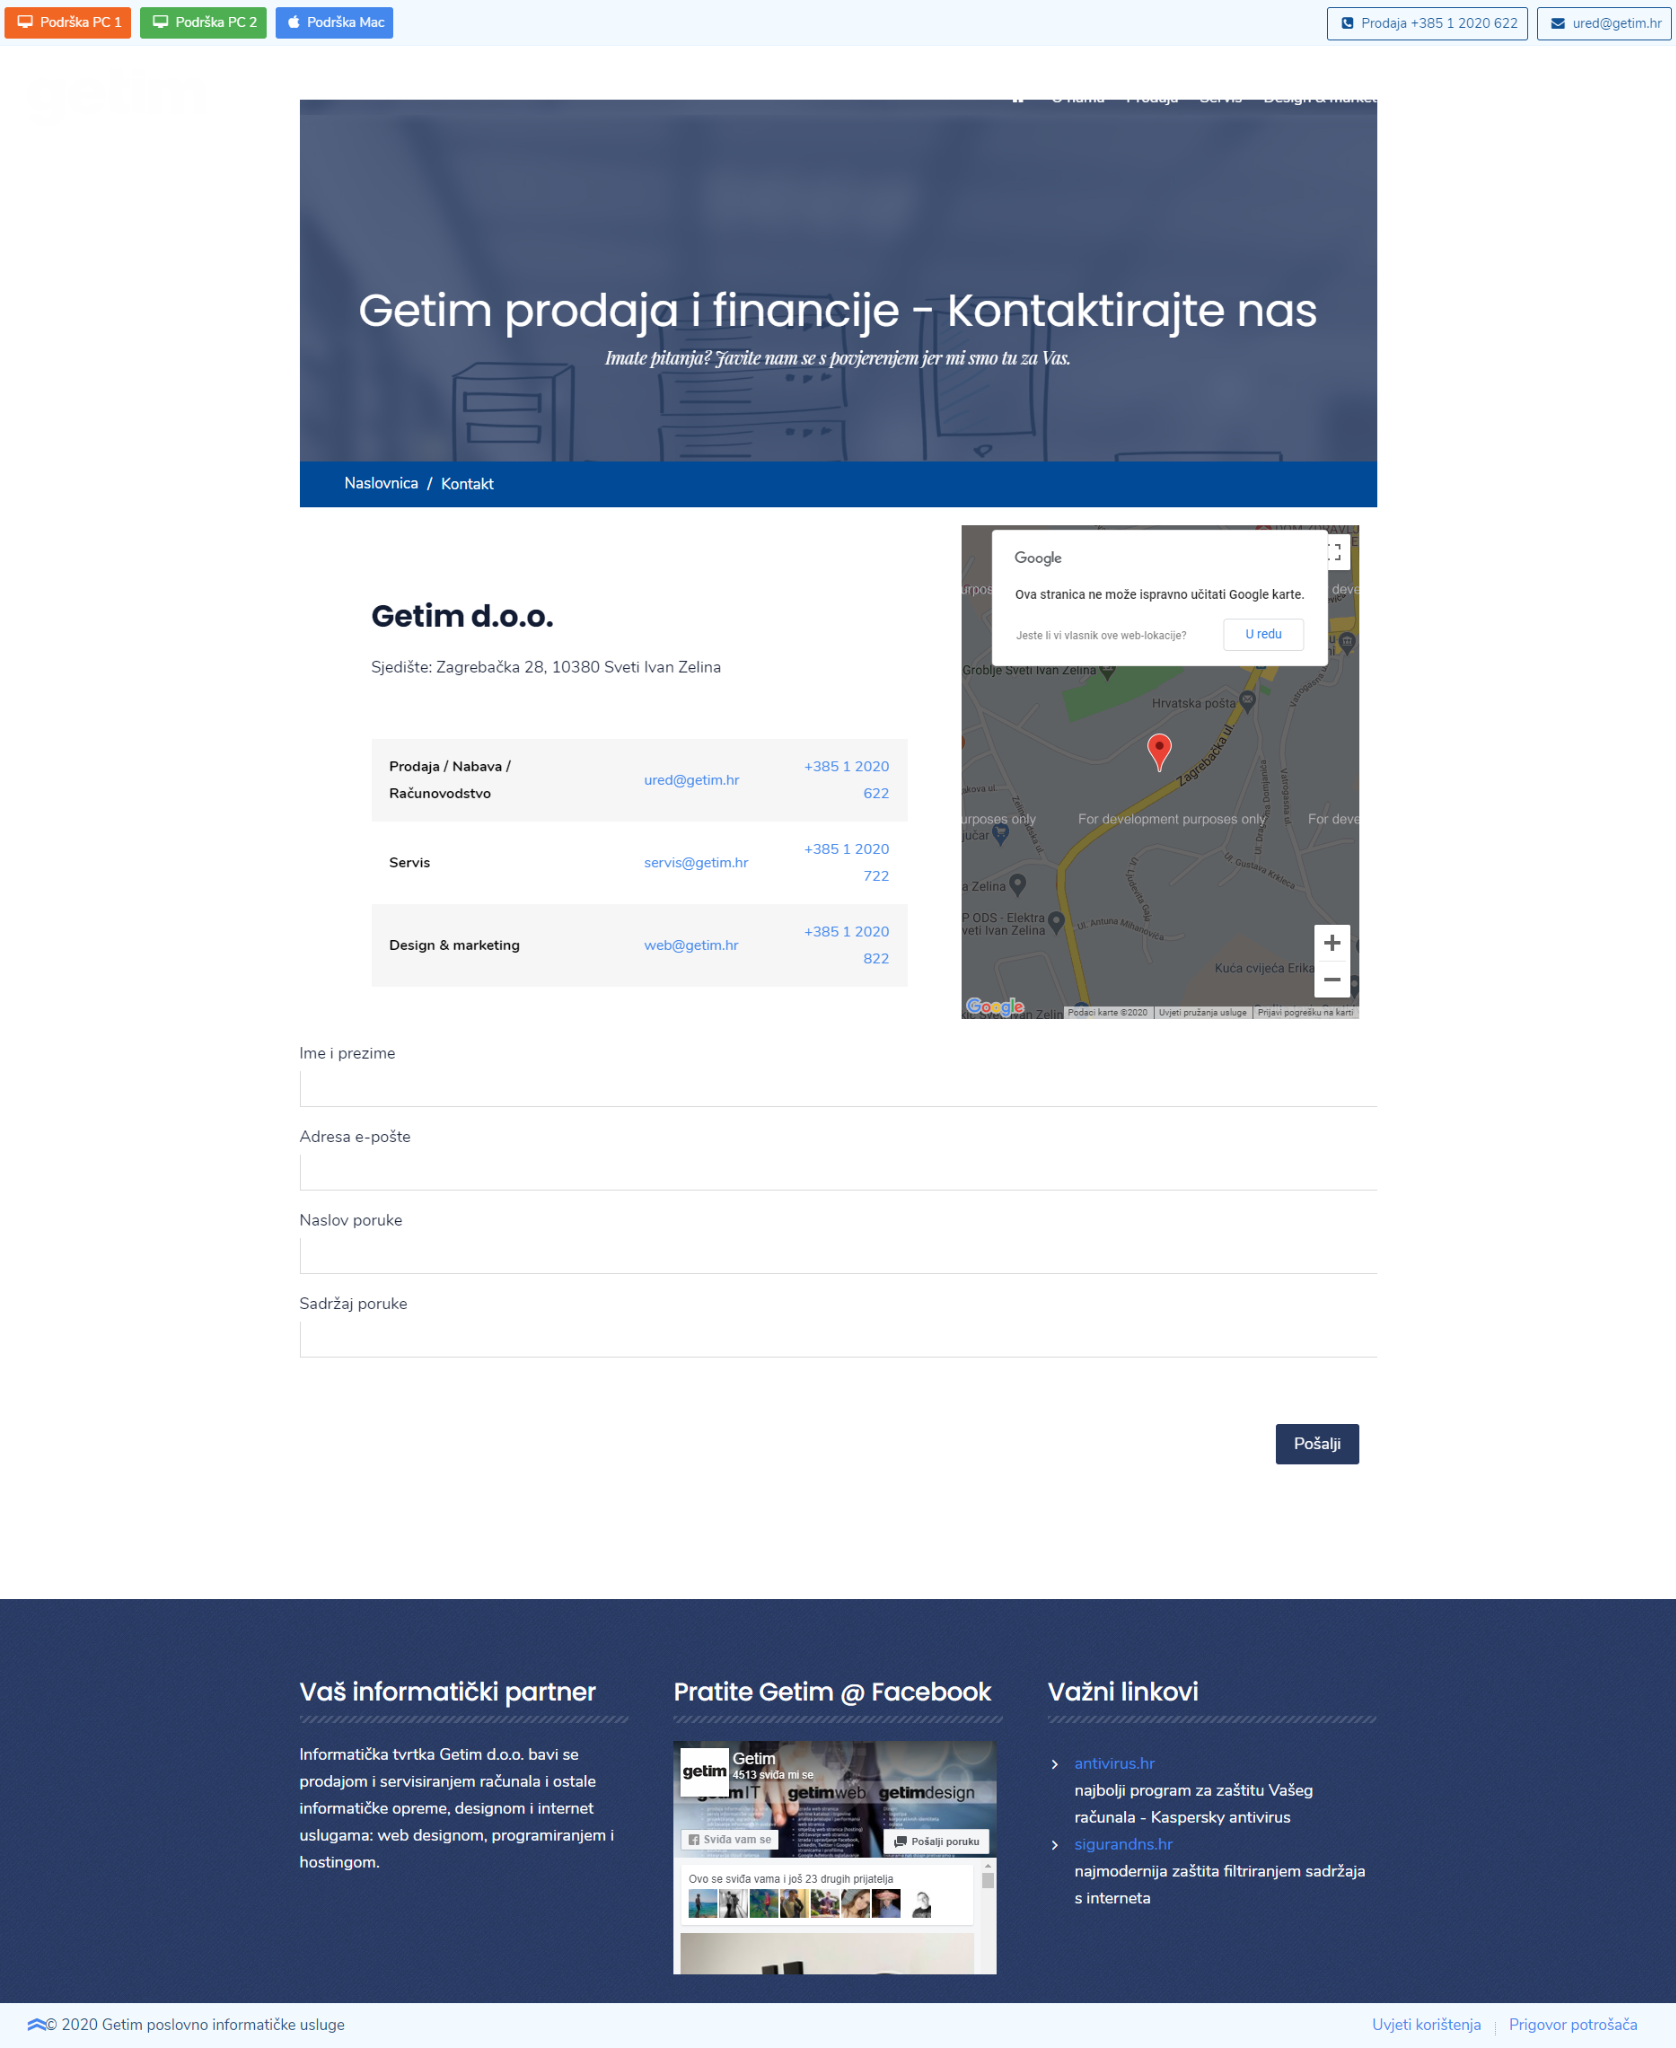 screencapture-getim-info-dev-getim2019-index-php-kontakt-2020-08-12-14_38_47.png